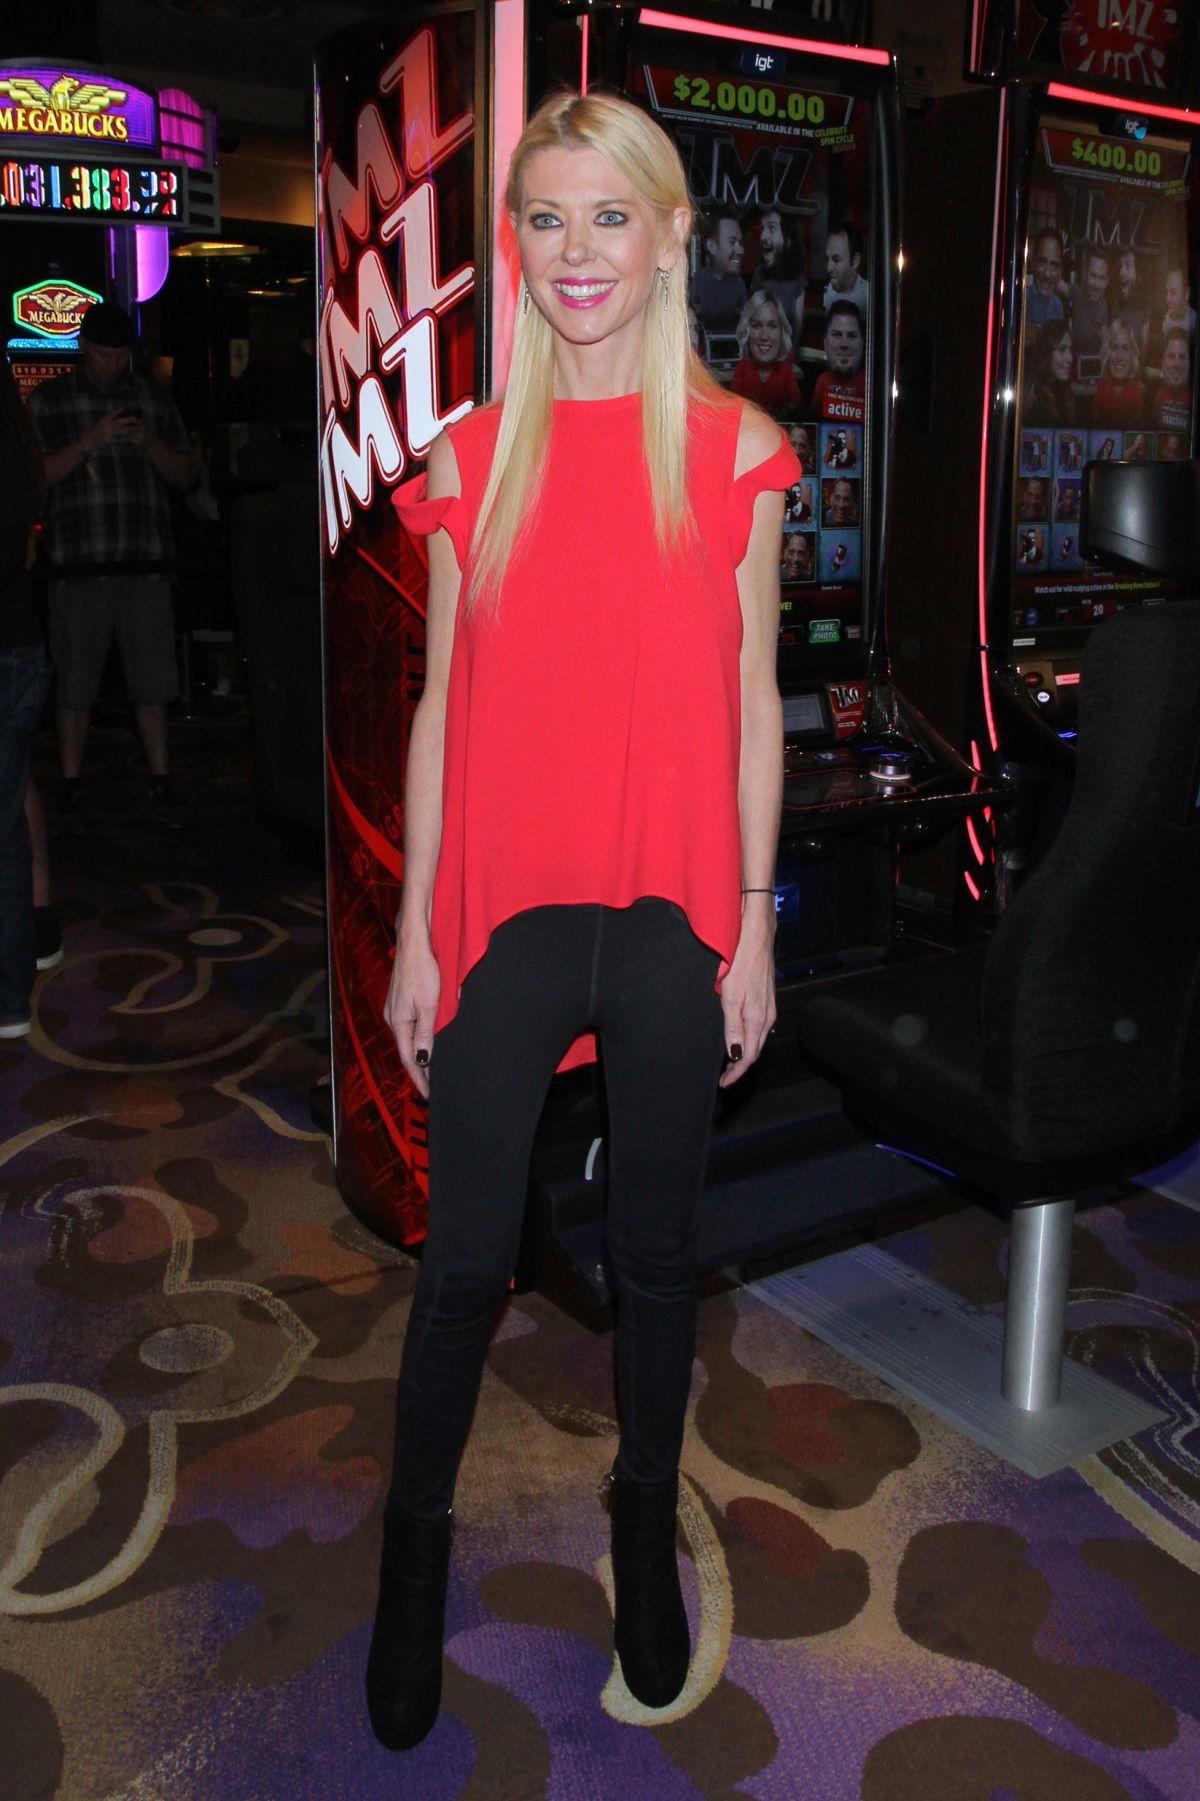 TARA REID at TMZ Promo Event in Las Vegas 08/28/2016